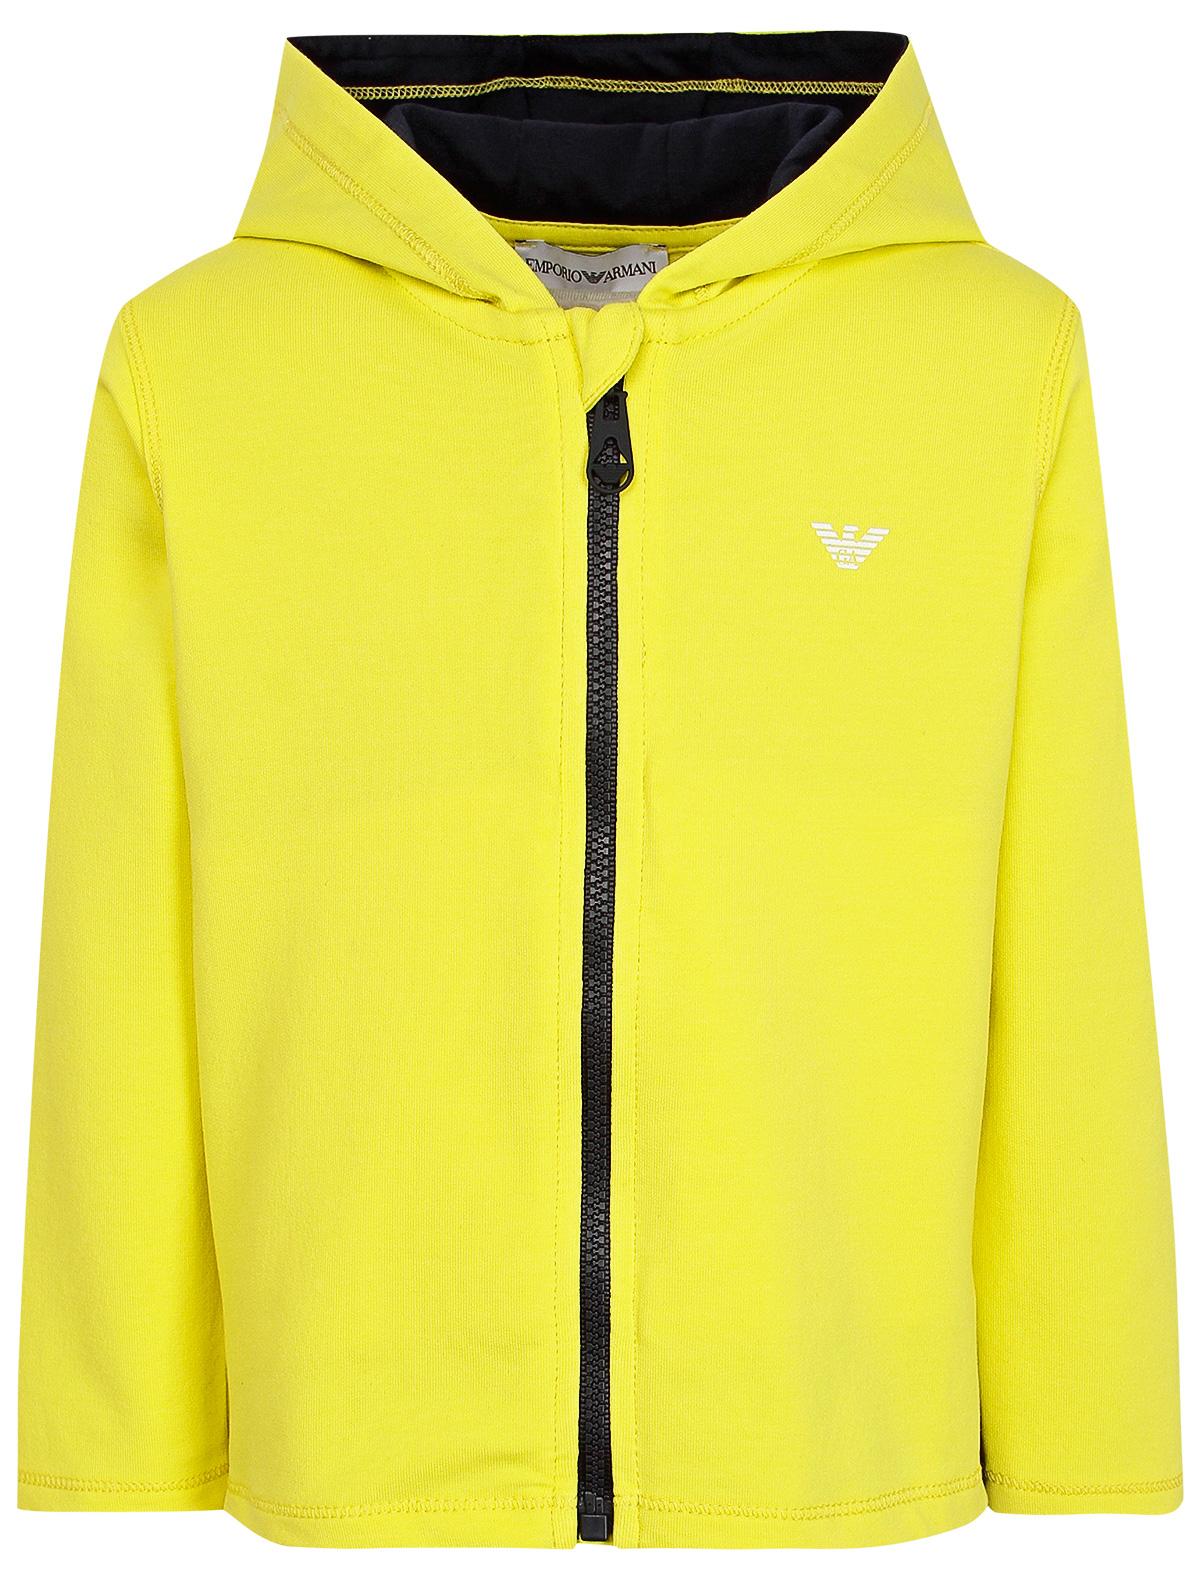 Купить 2019391, Толстовка EMPORIO ARMANI, желтый, Мужской, 0072819970102